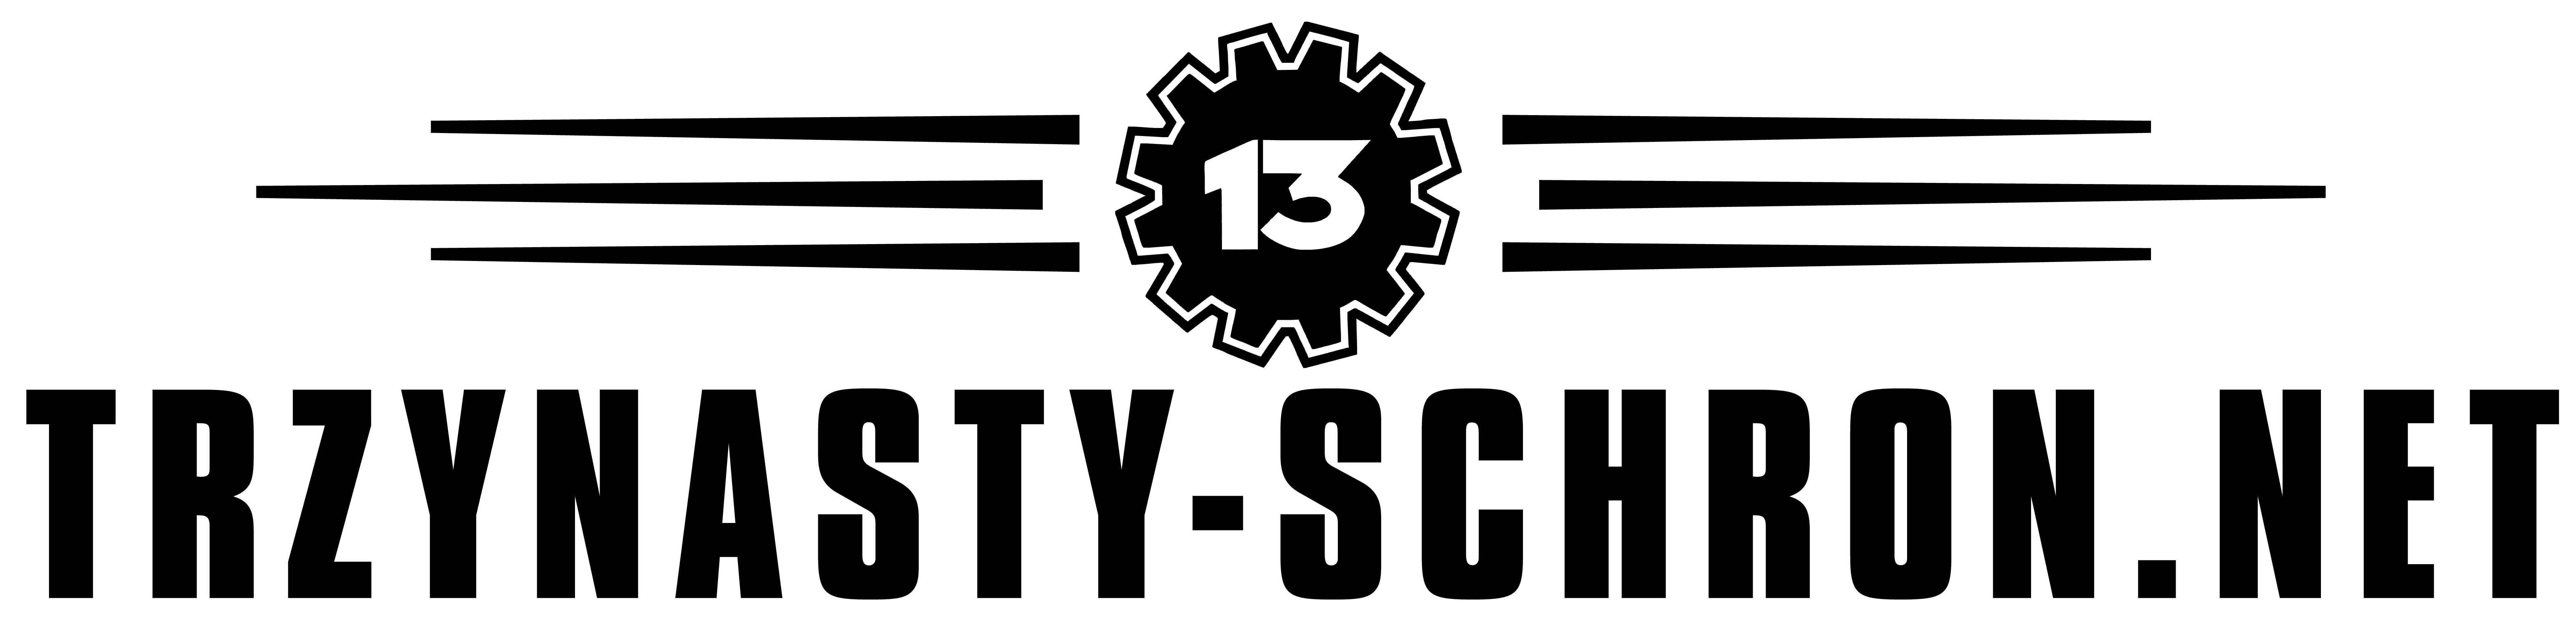 13S_logo